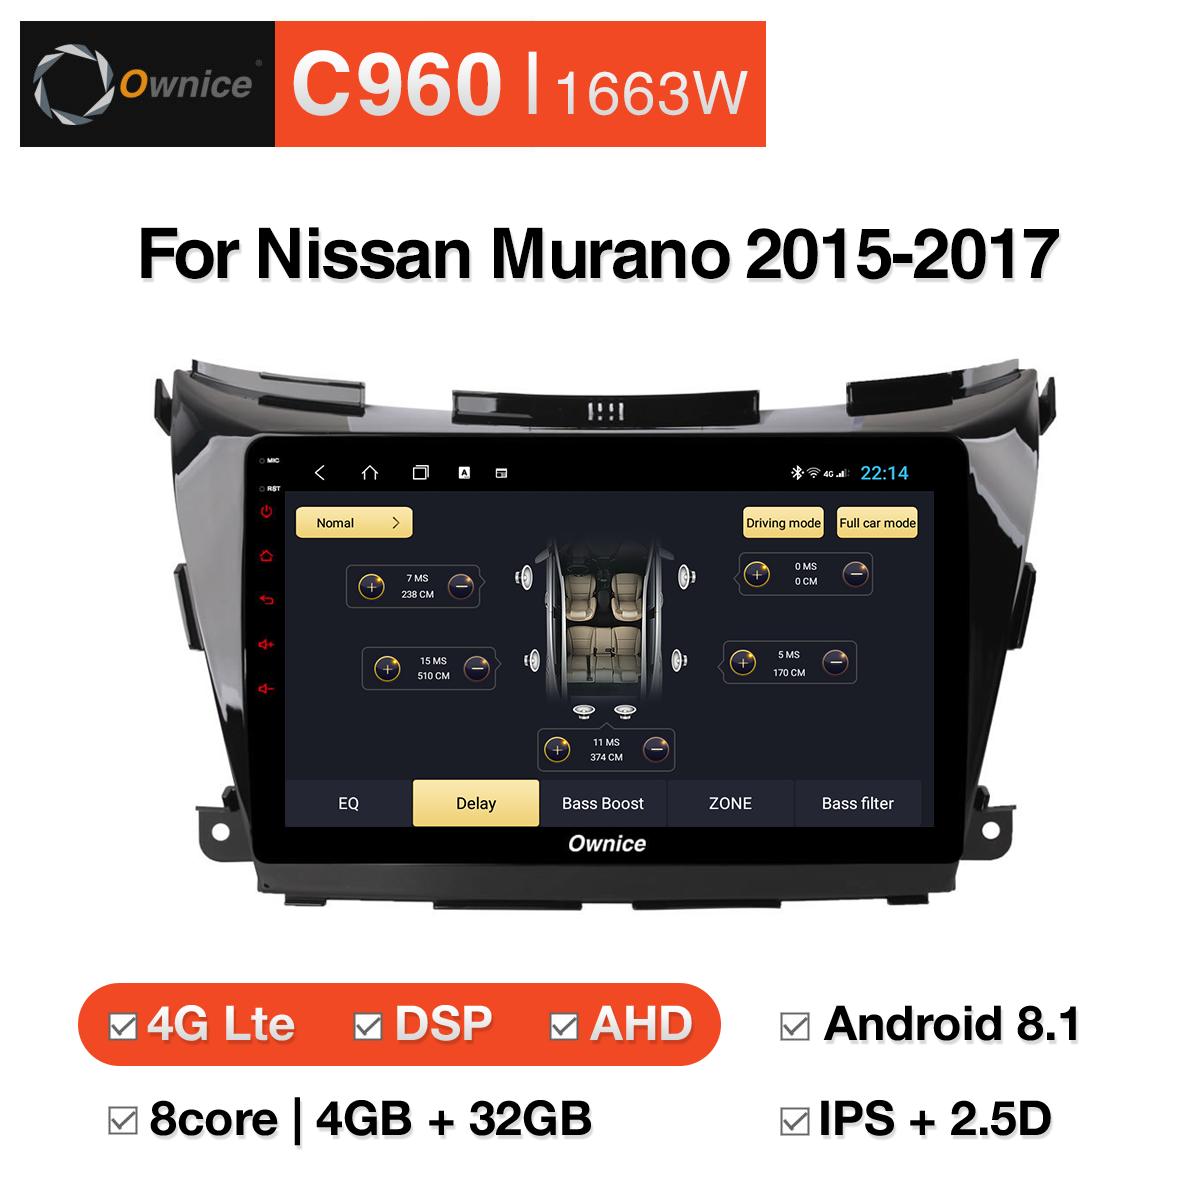 Đầu DVD android Ownice C960 cho xe ô tô Nissan Murano 2015-2017:: OL-1663W